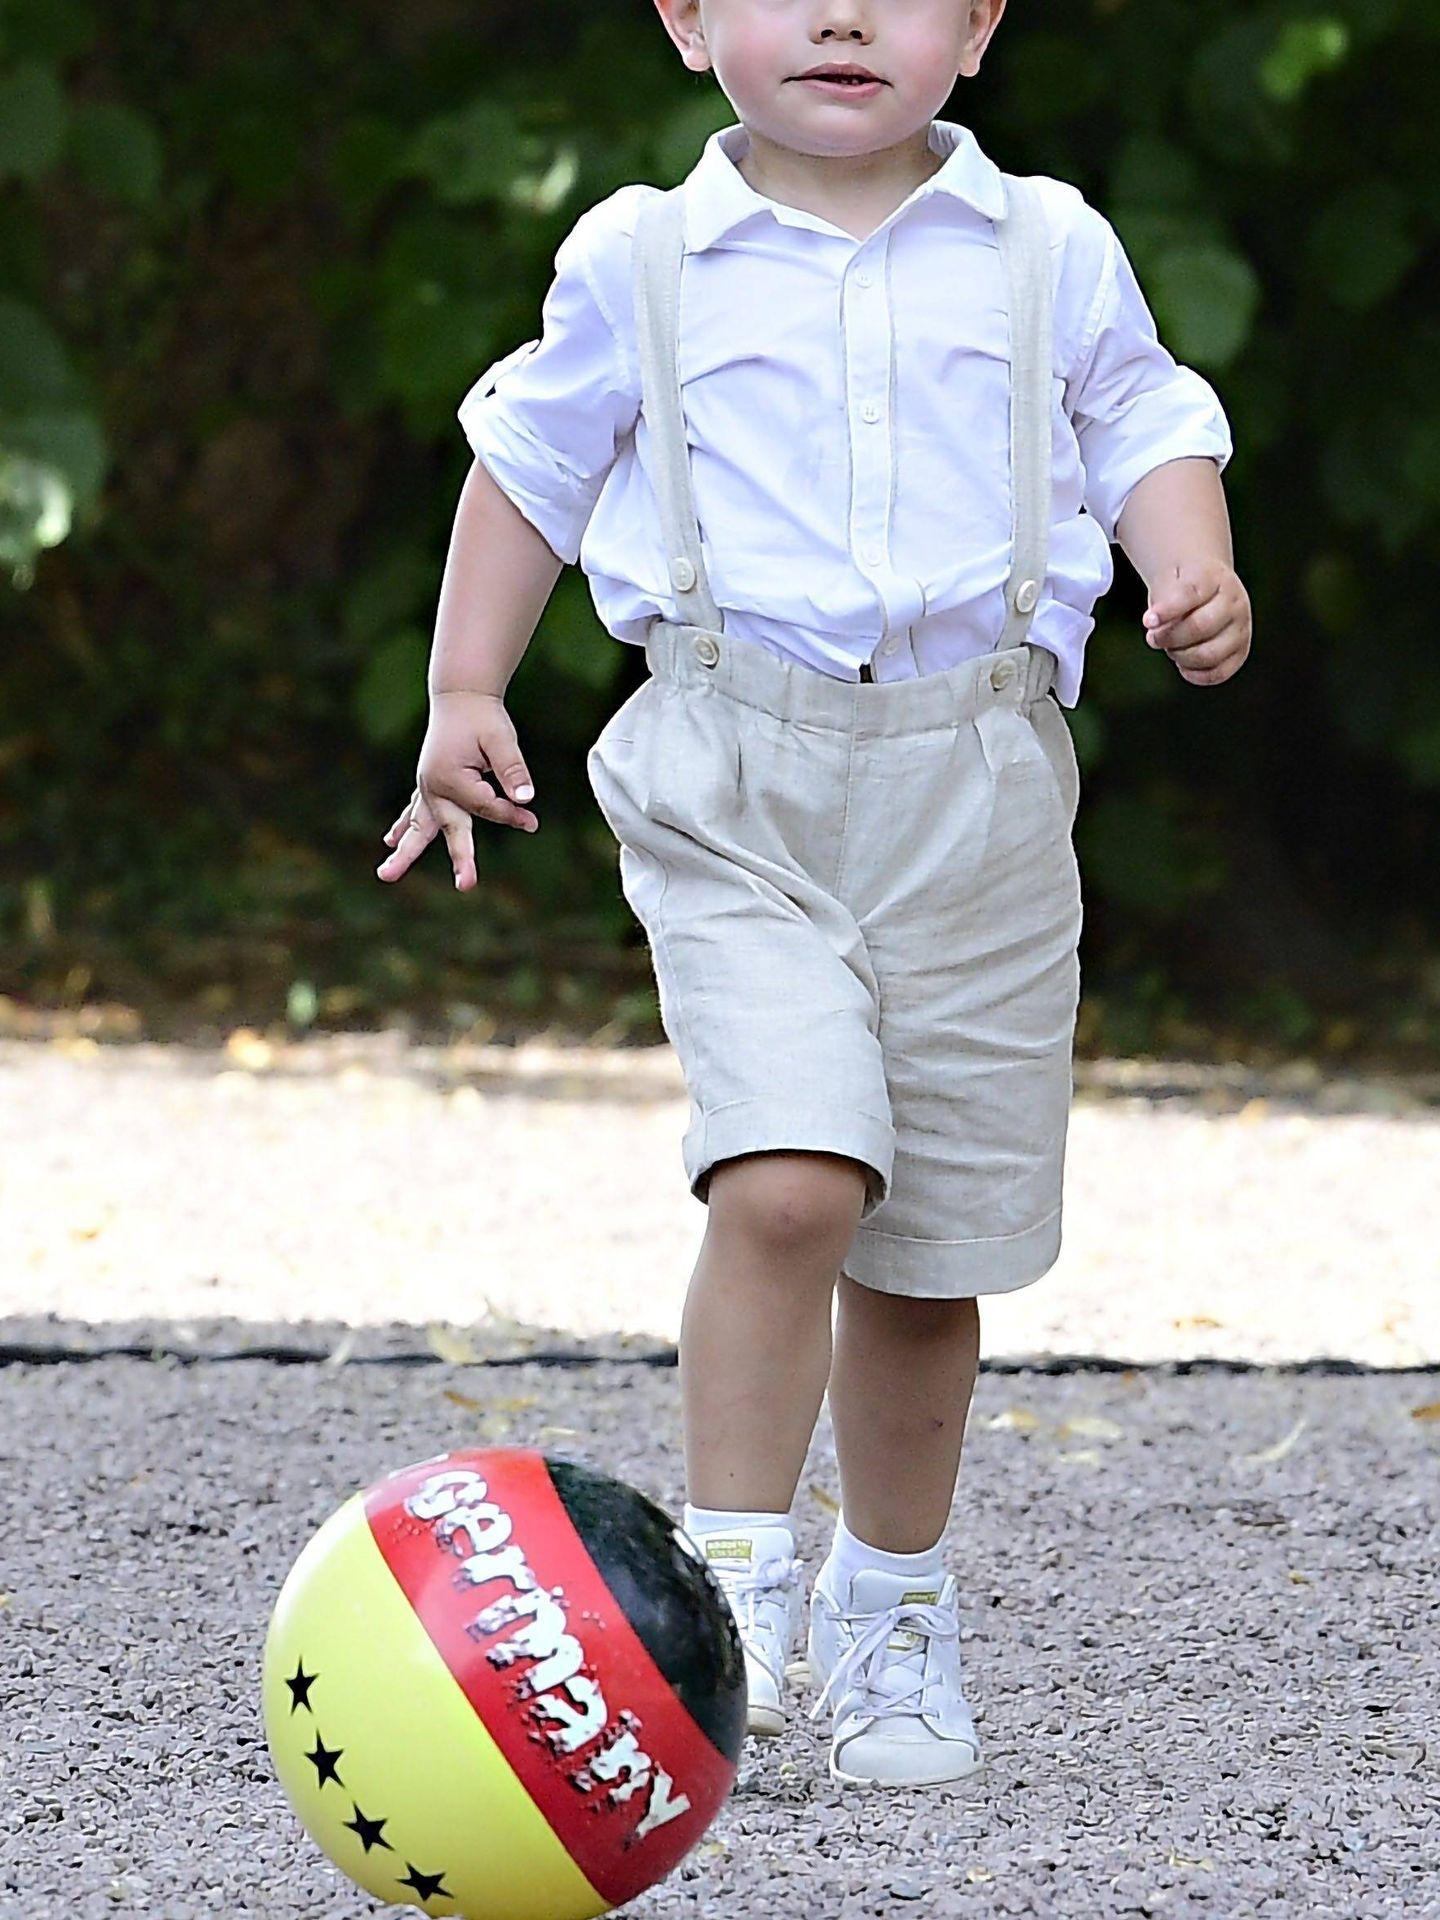 Óscar de Suecia, jugando con una pelota. (Cordon Press)